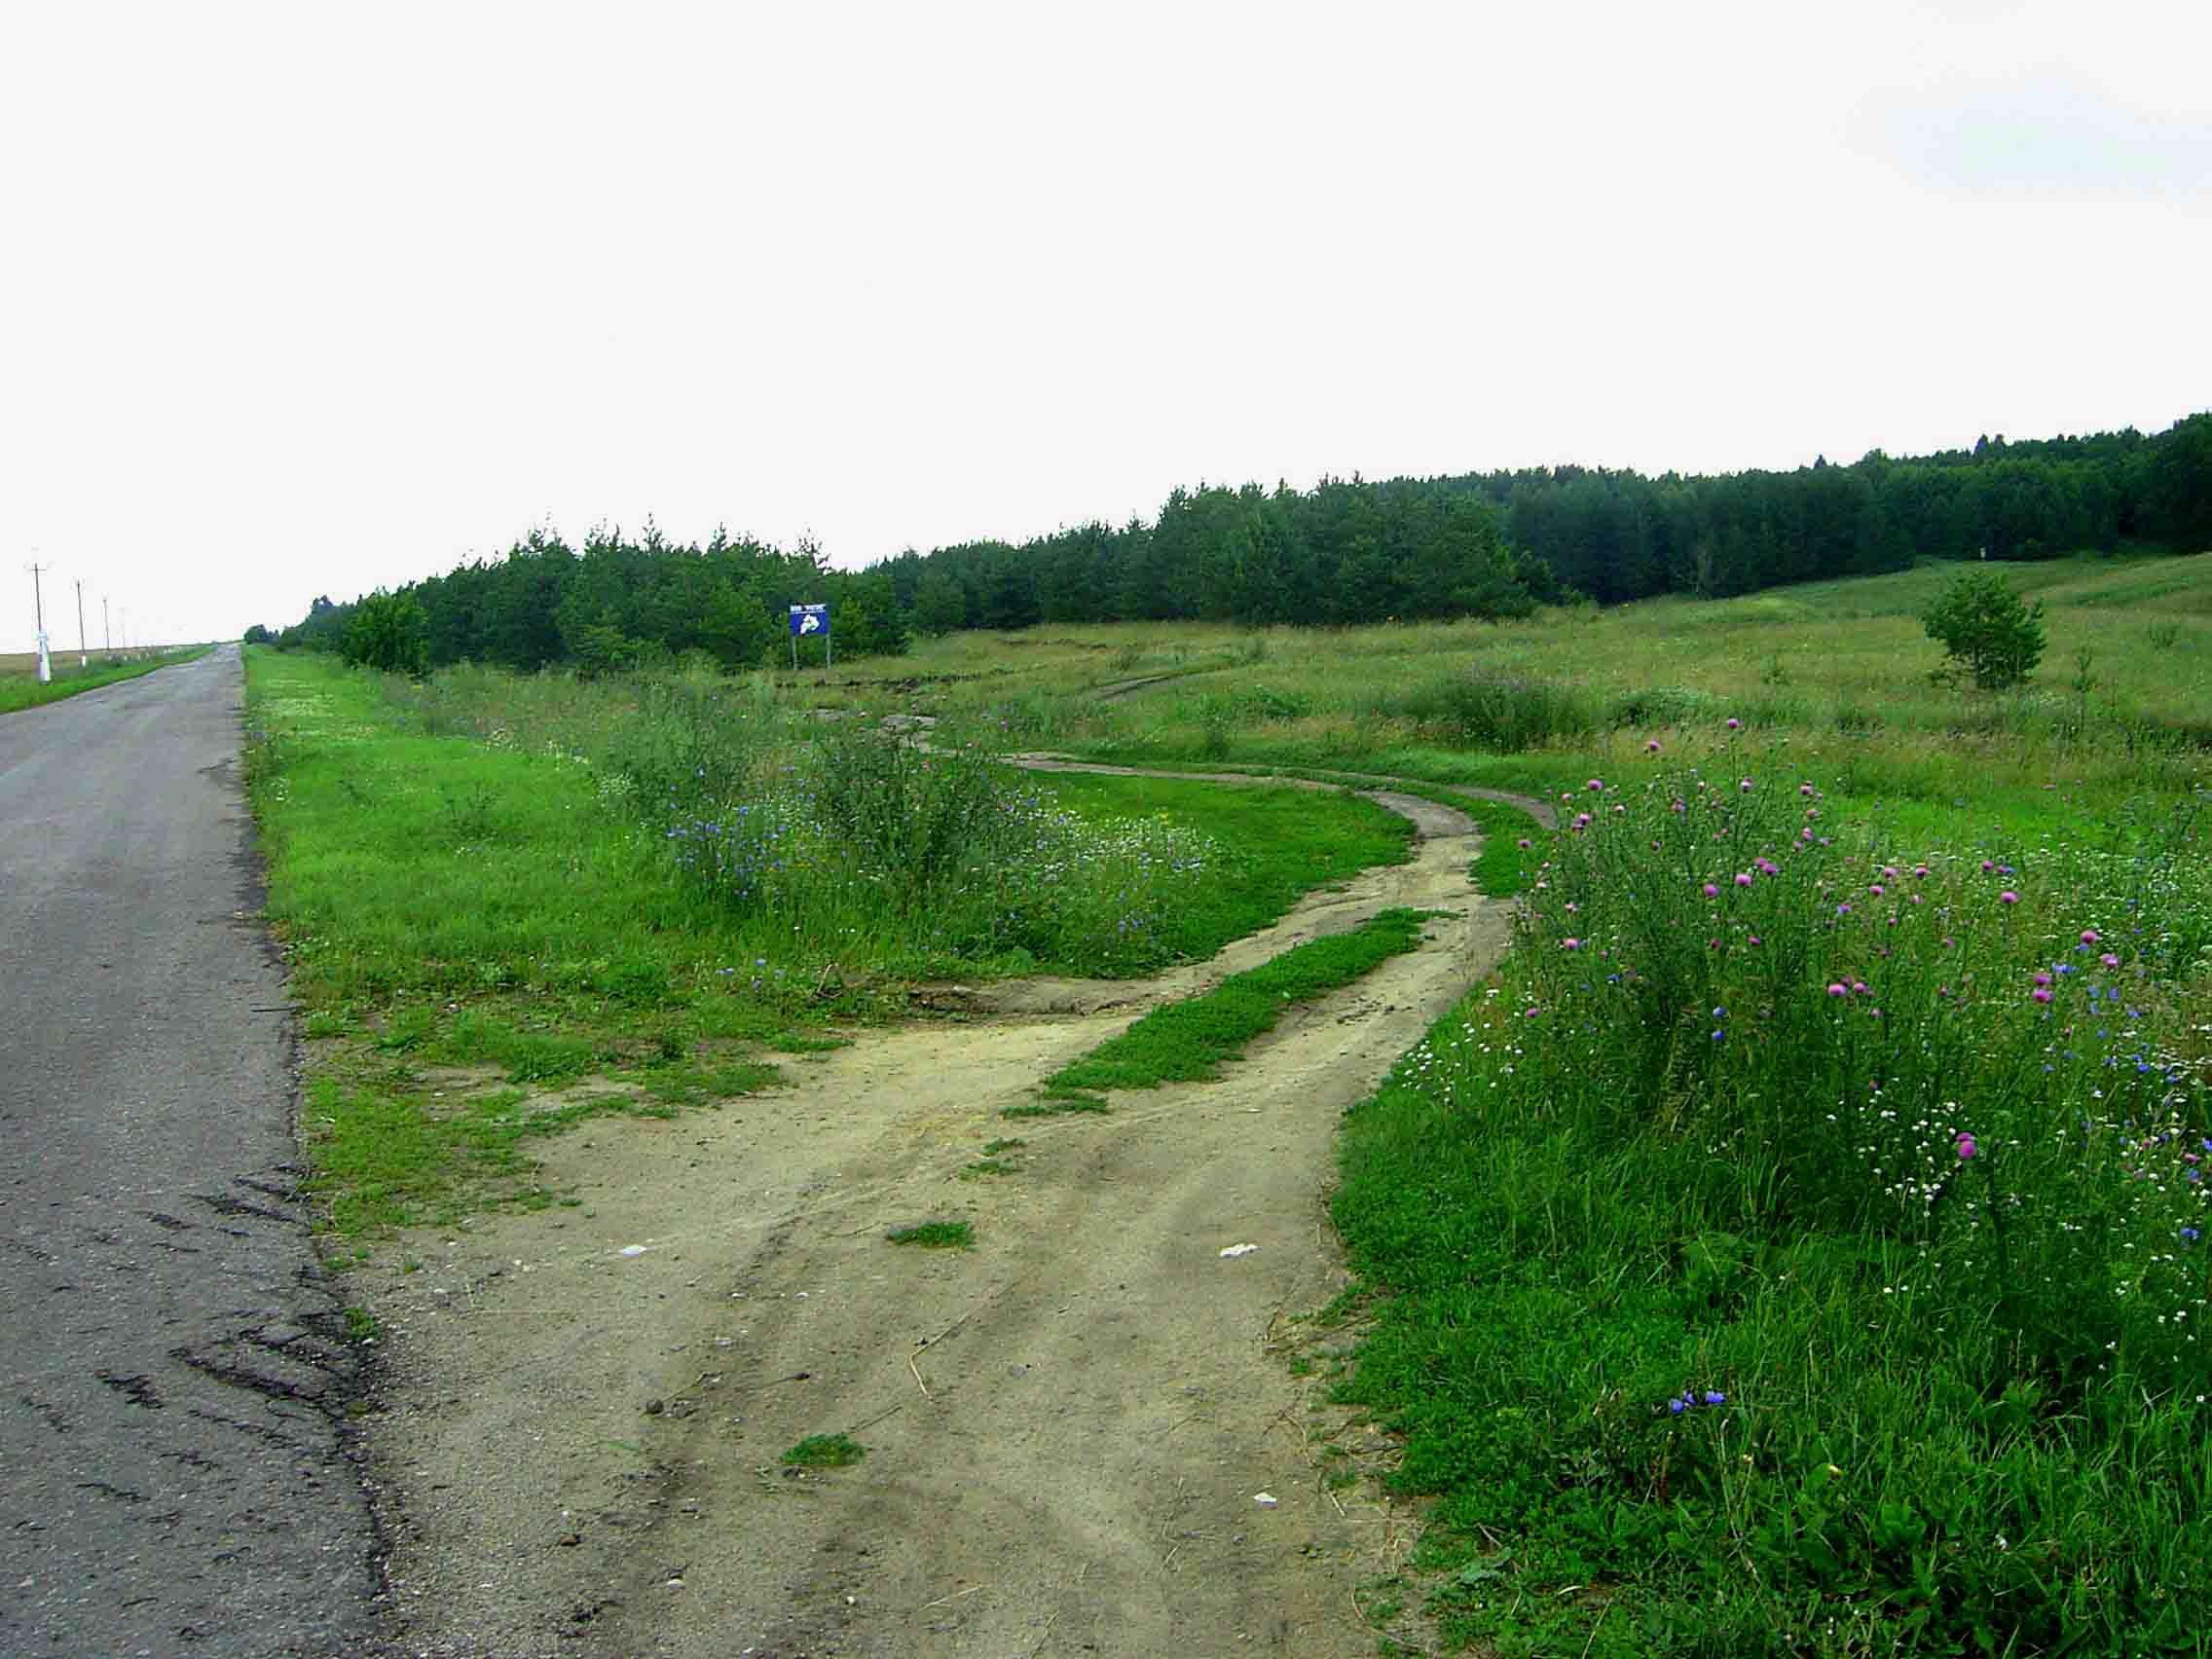 Съезд с дороги в лес2.jpg